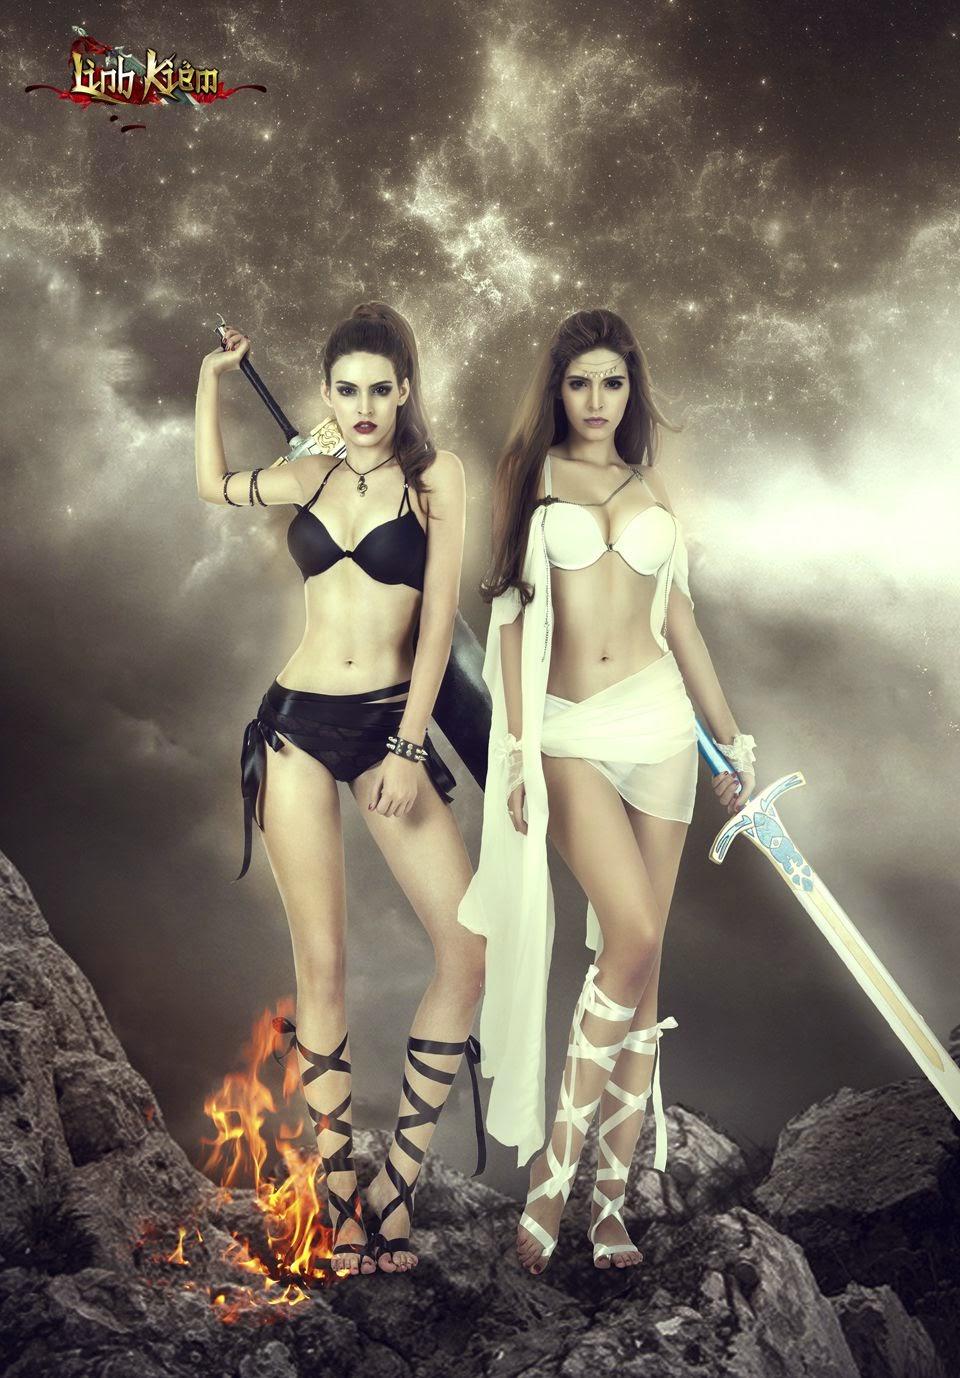 Cosplay-Andrea-Aybar2